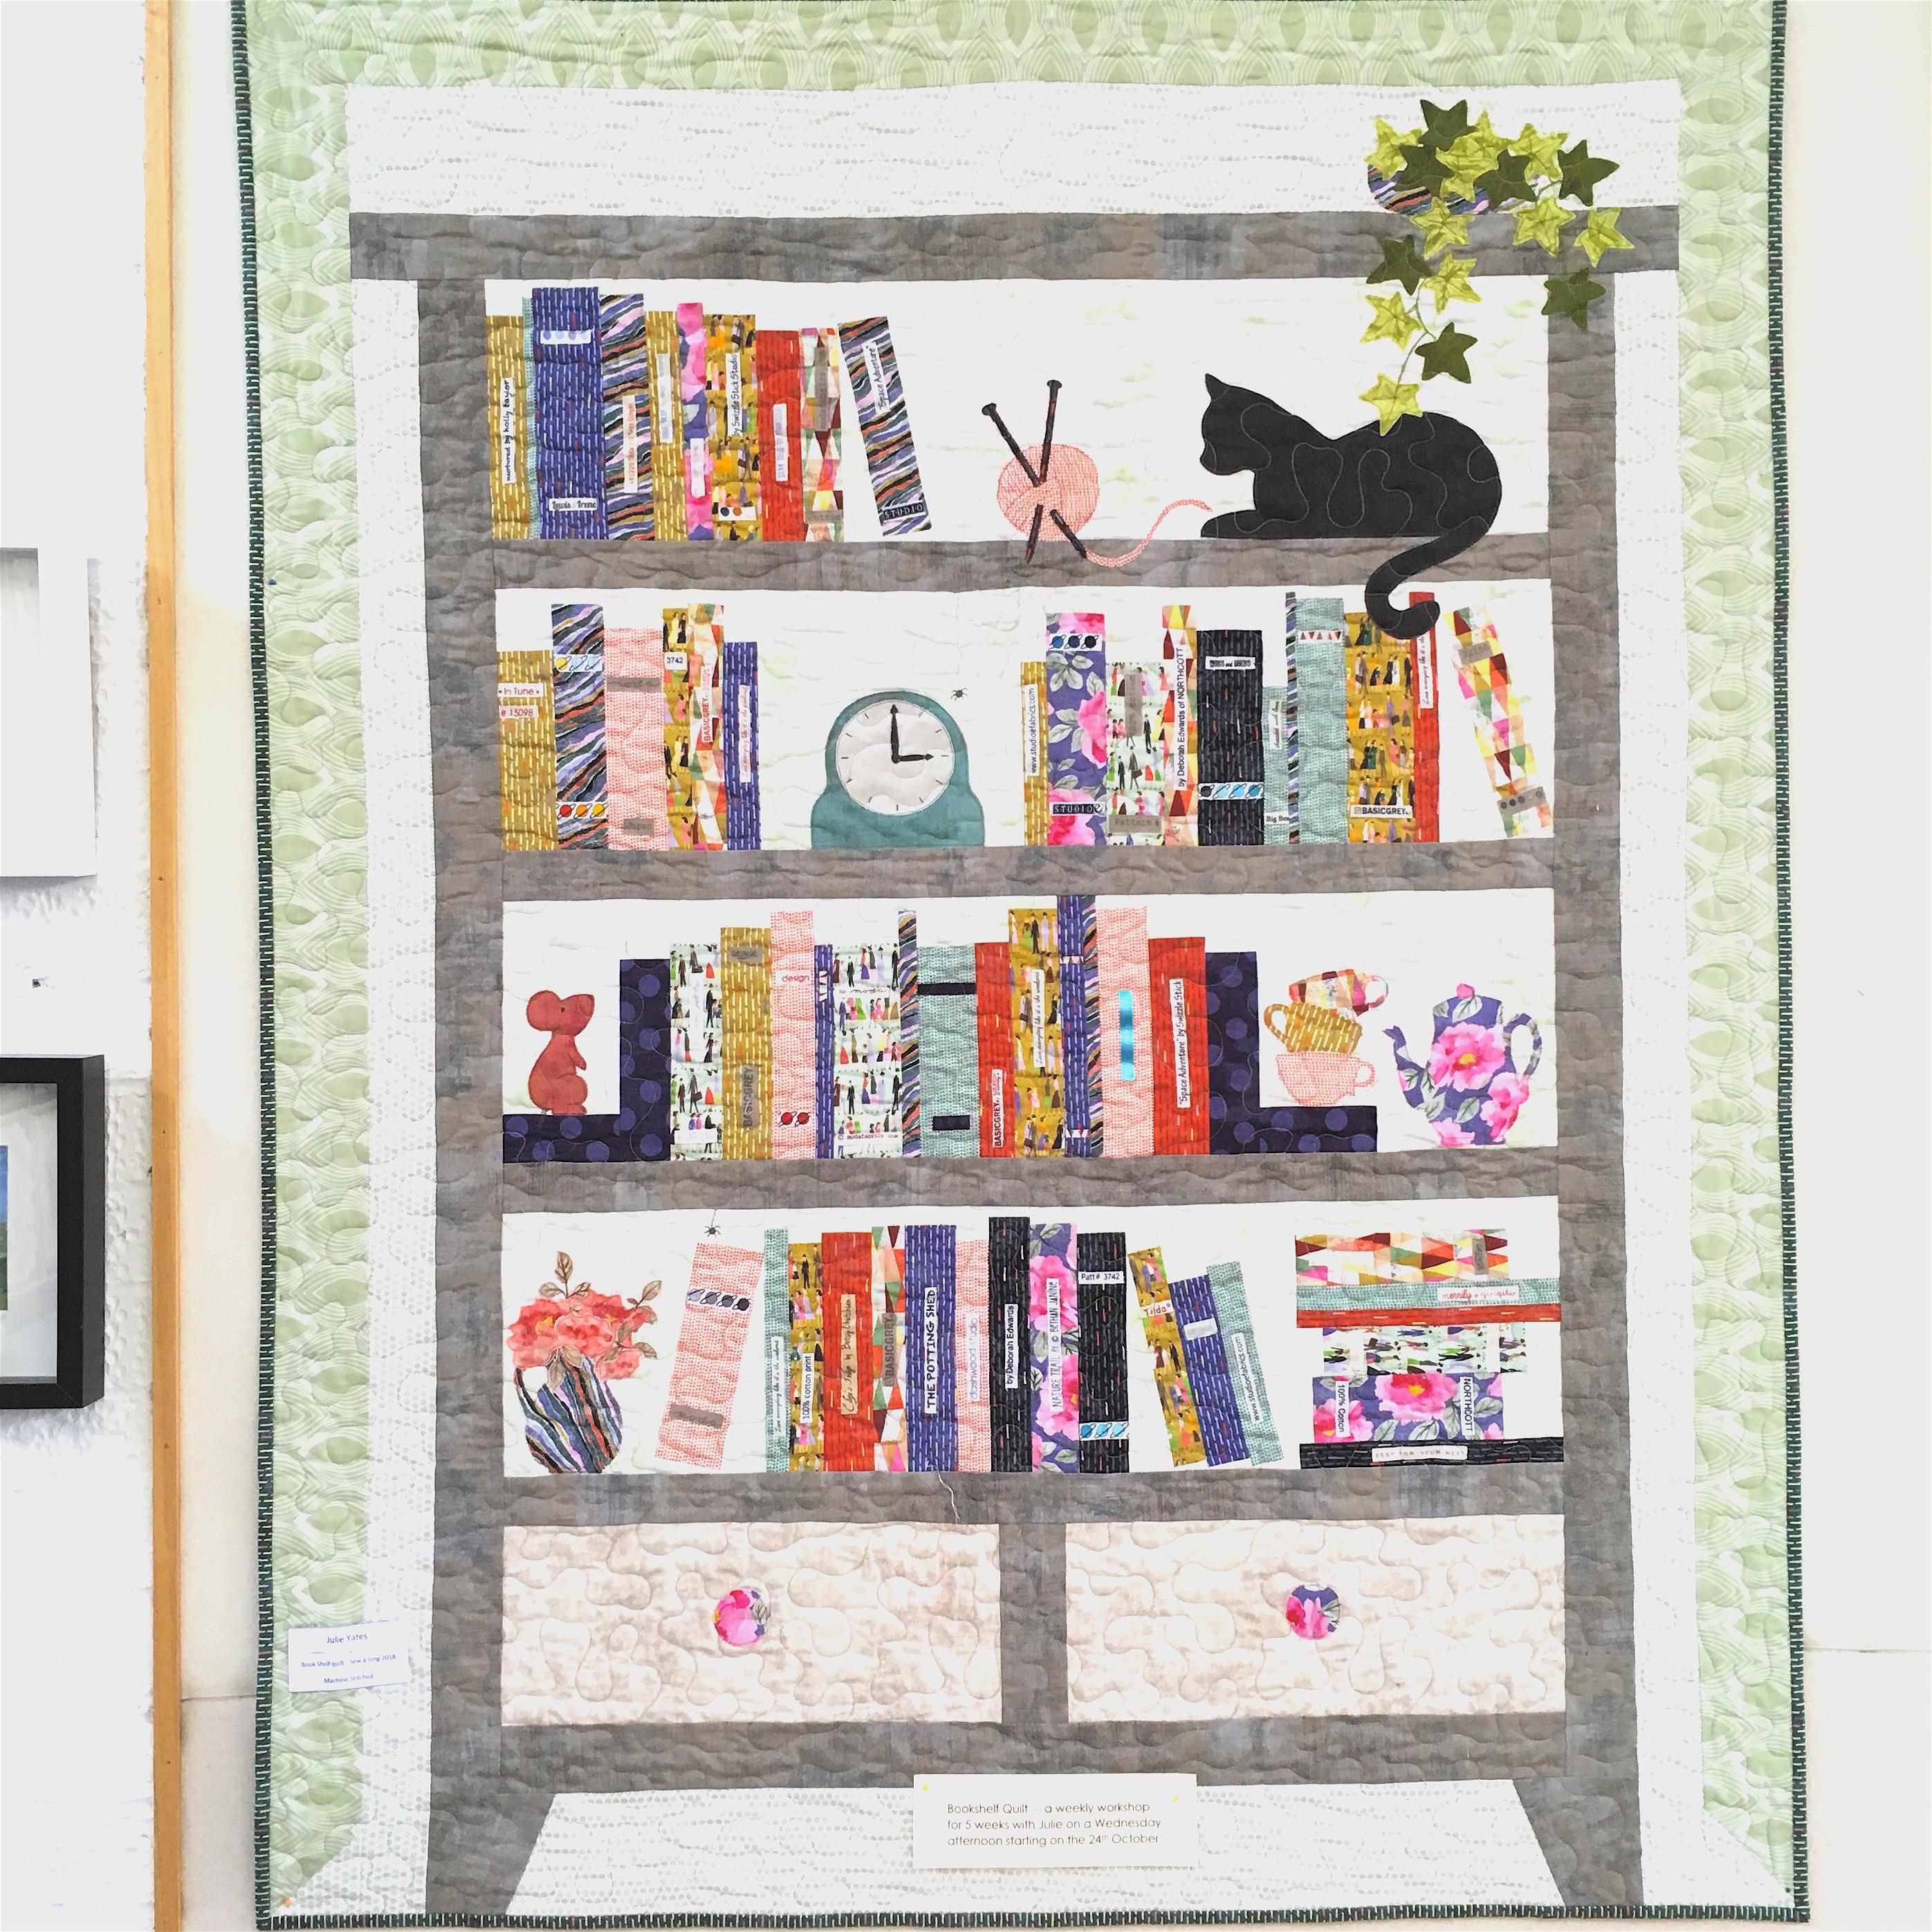 2018 10 24 Bookshelf Quilt Class